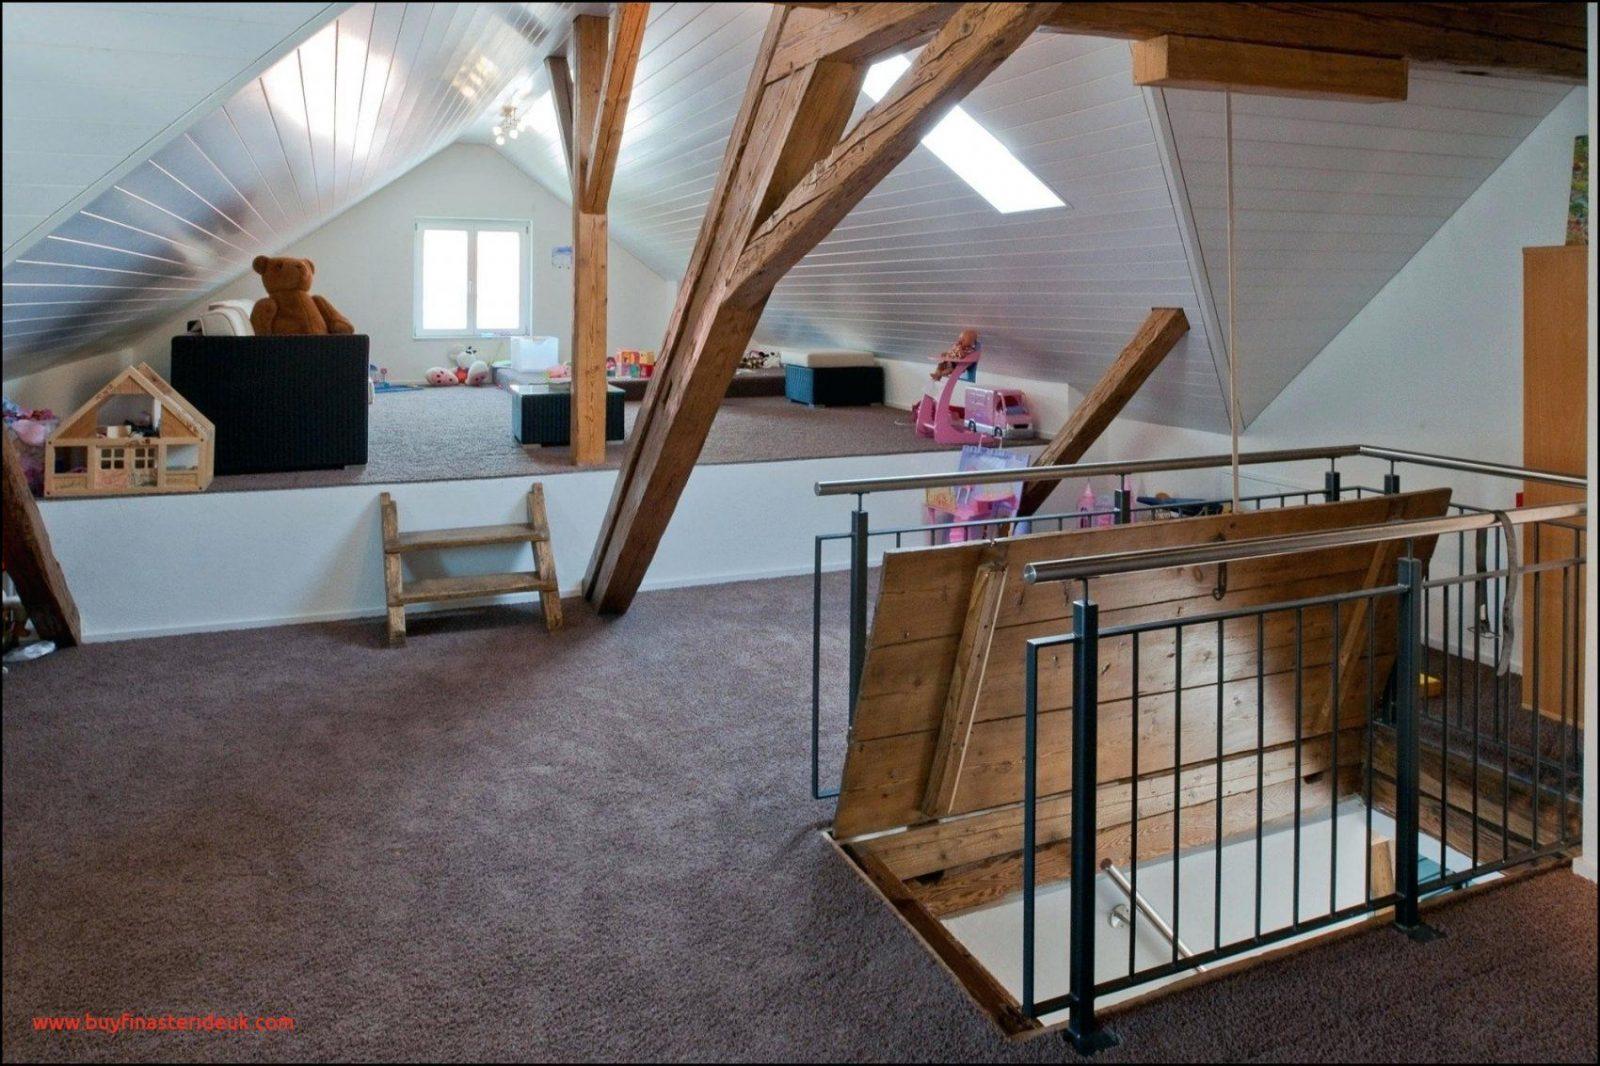 Altes Haus Sanieren Von Haus Renovieren Umbau Bauernhaus Vorher von Altes Haus Umbauen Vorher Nachher Bild